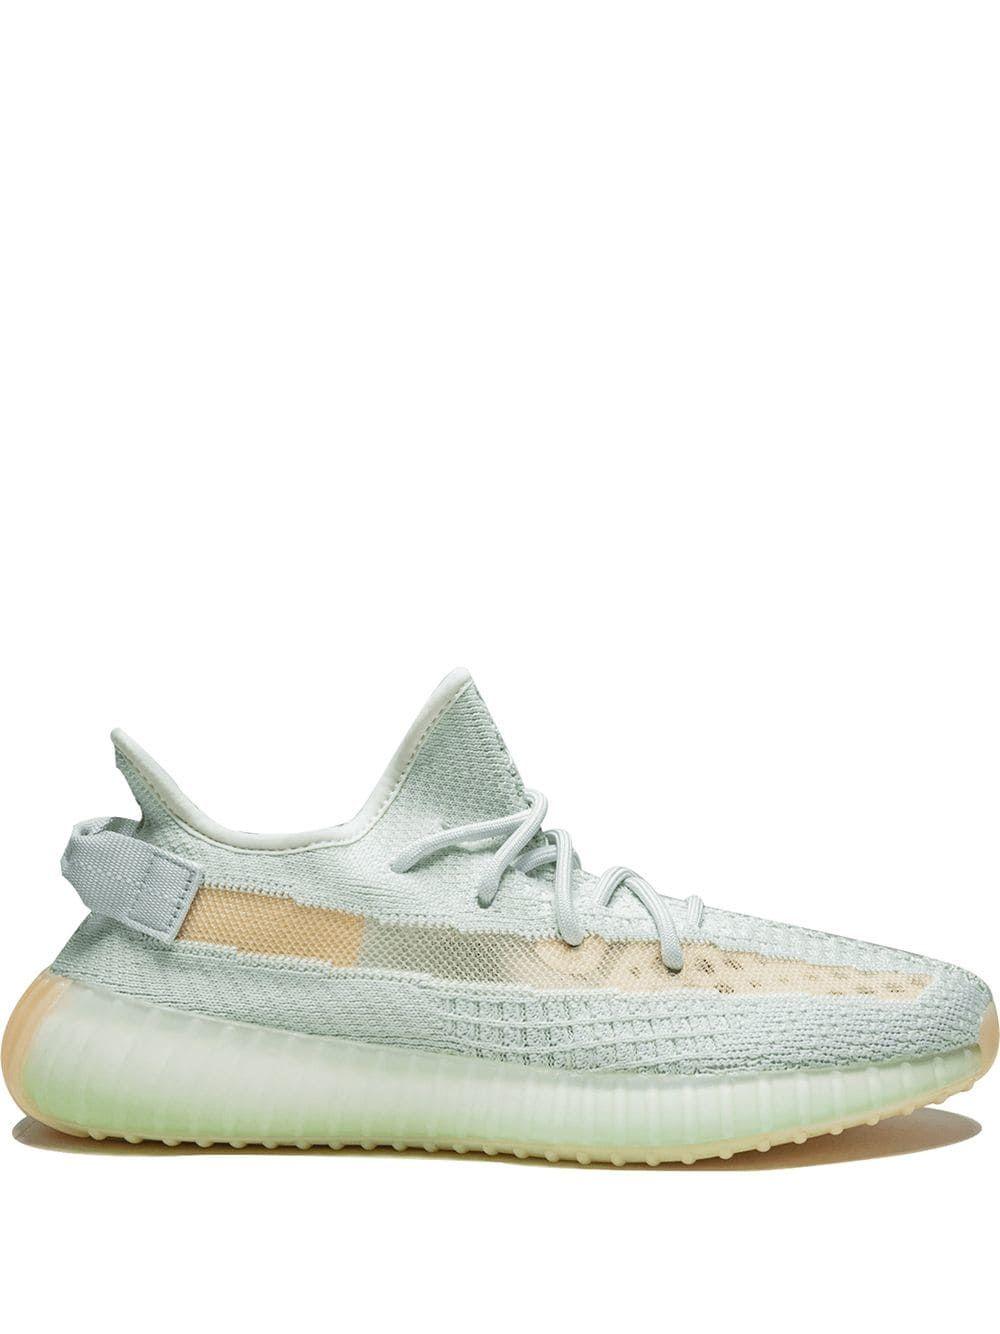 adidas yeezy boost blau